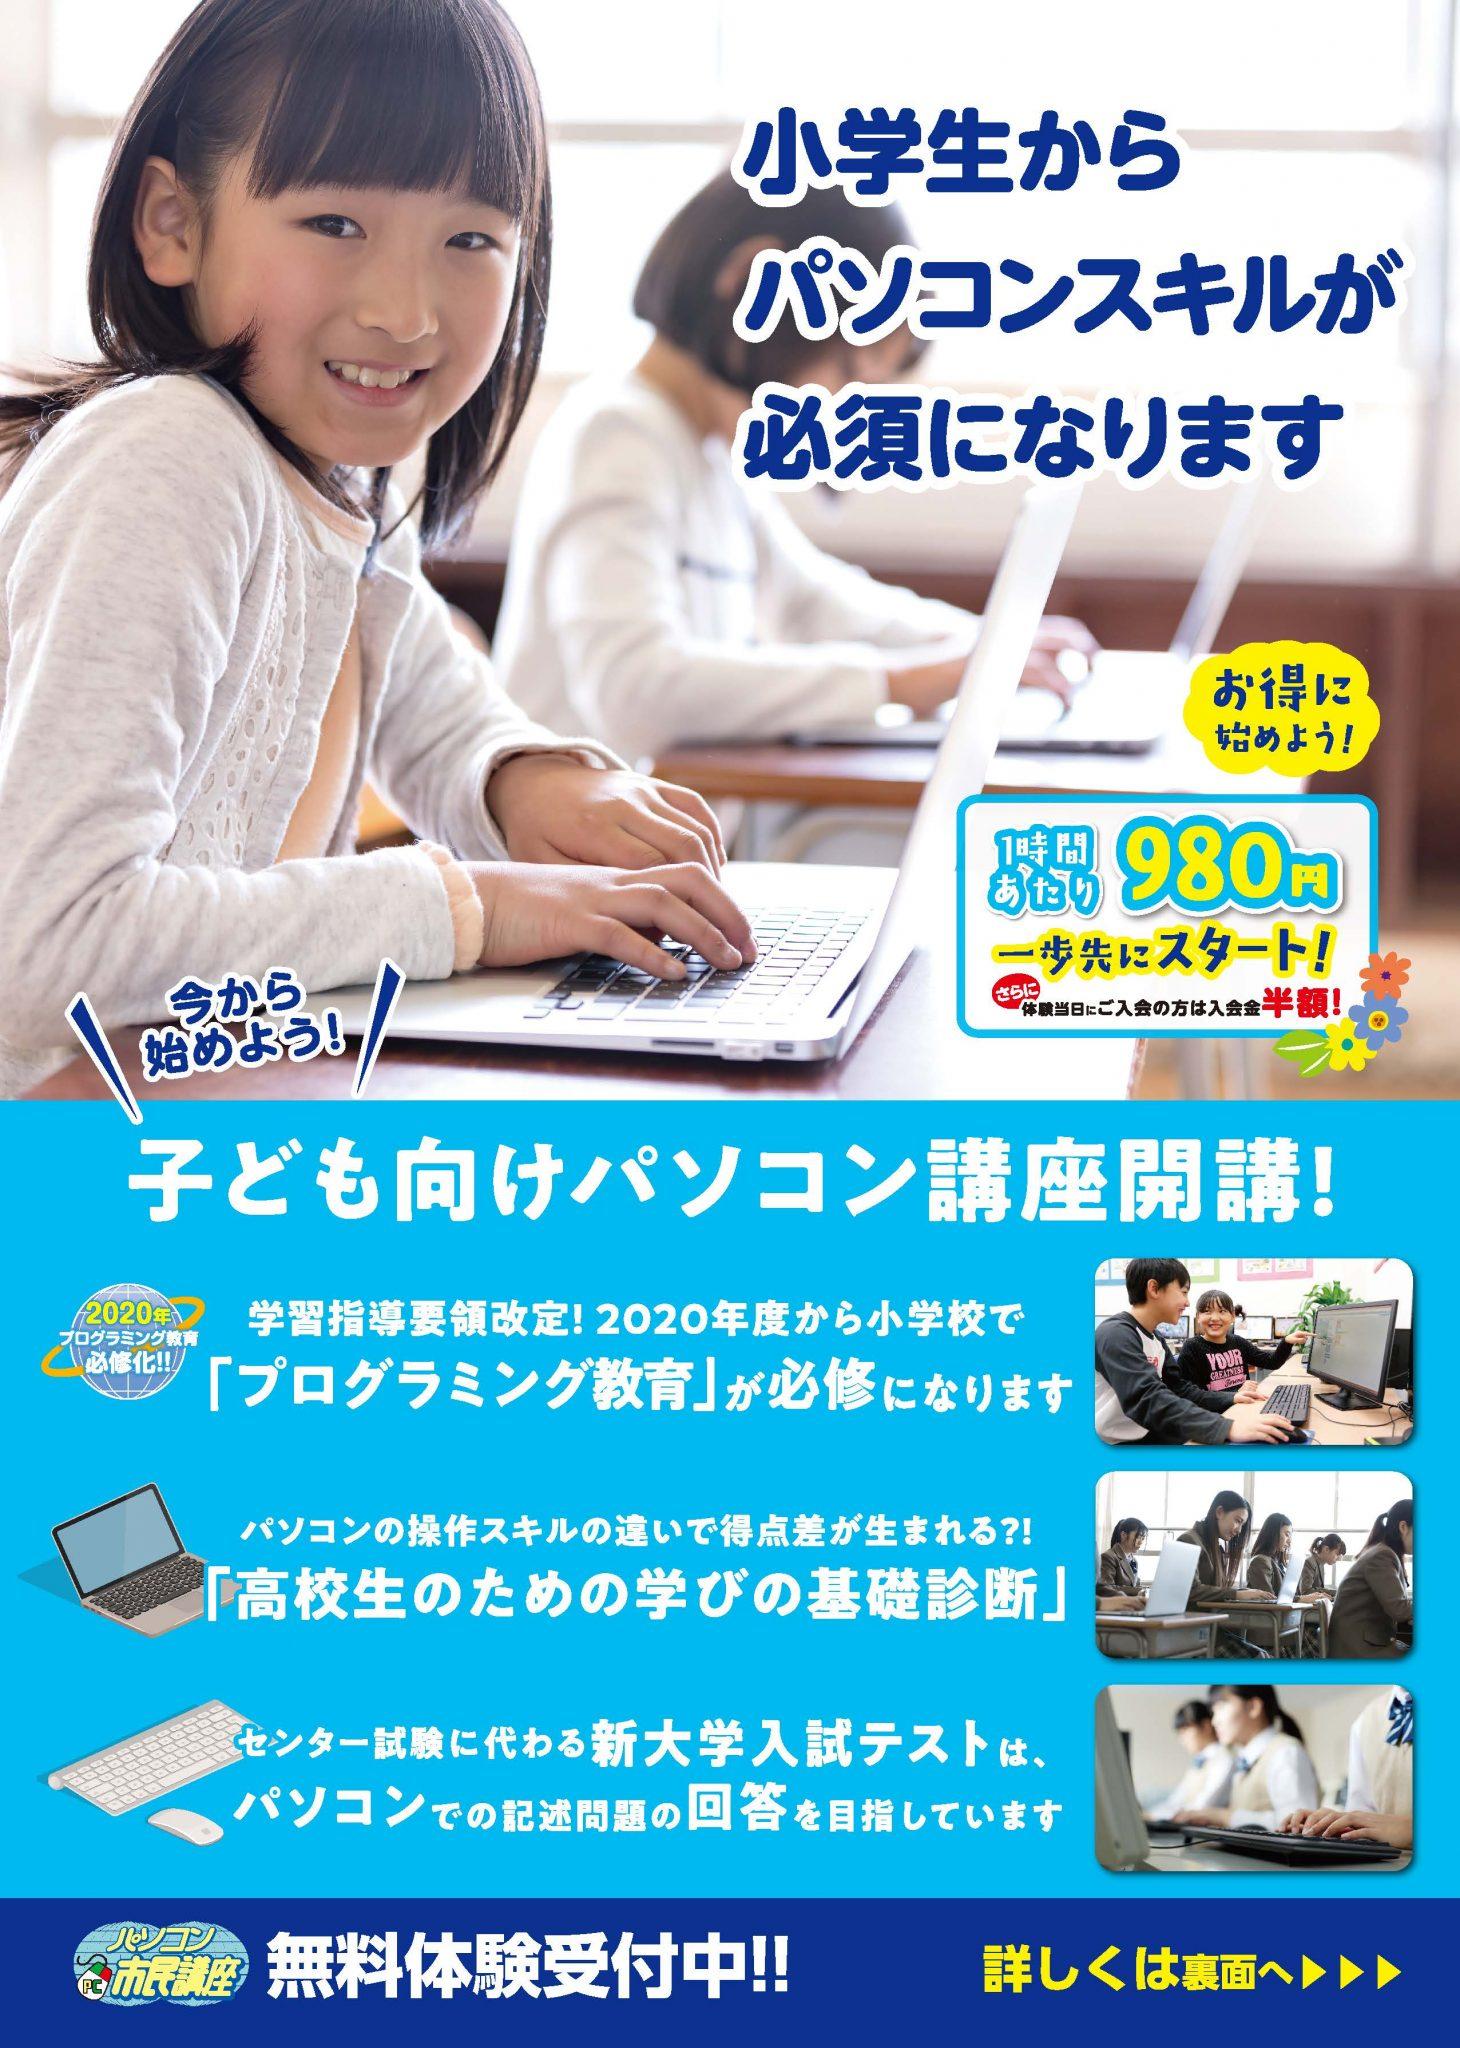 子ども向けパソコン講座開講!